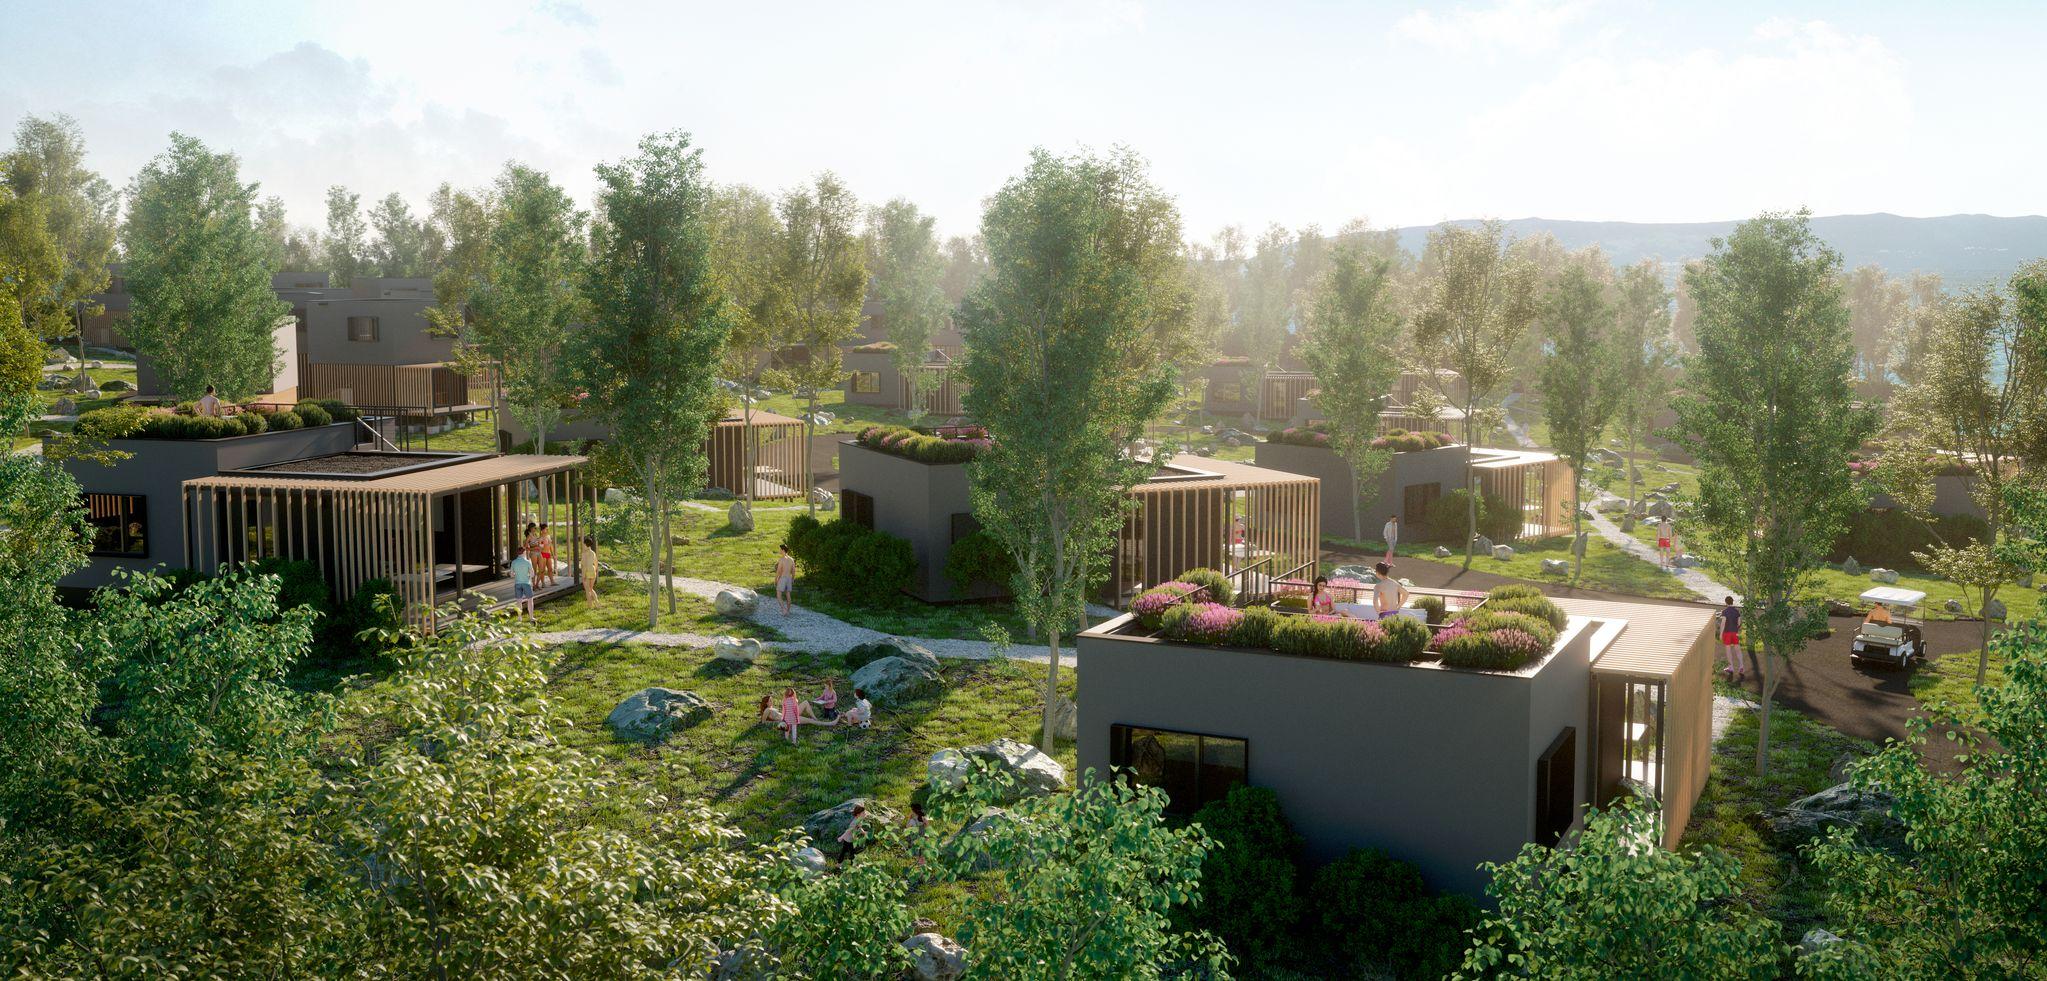 Vizualizacija budućeg izgleda kompleksa vila